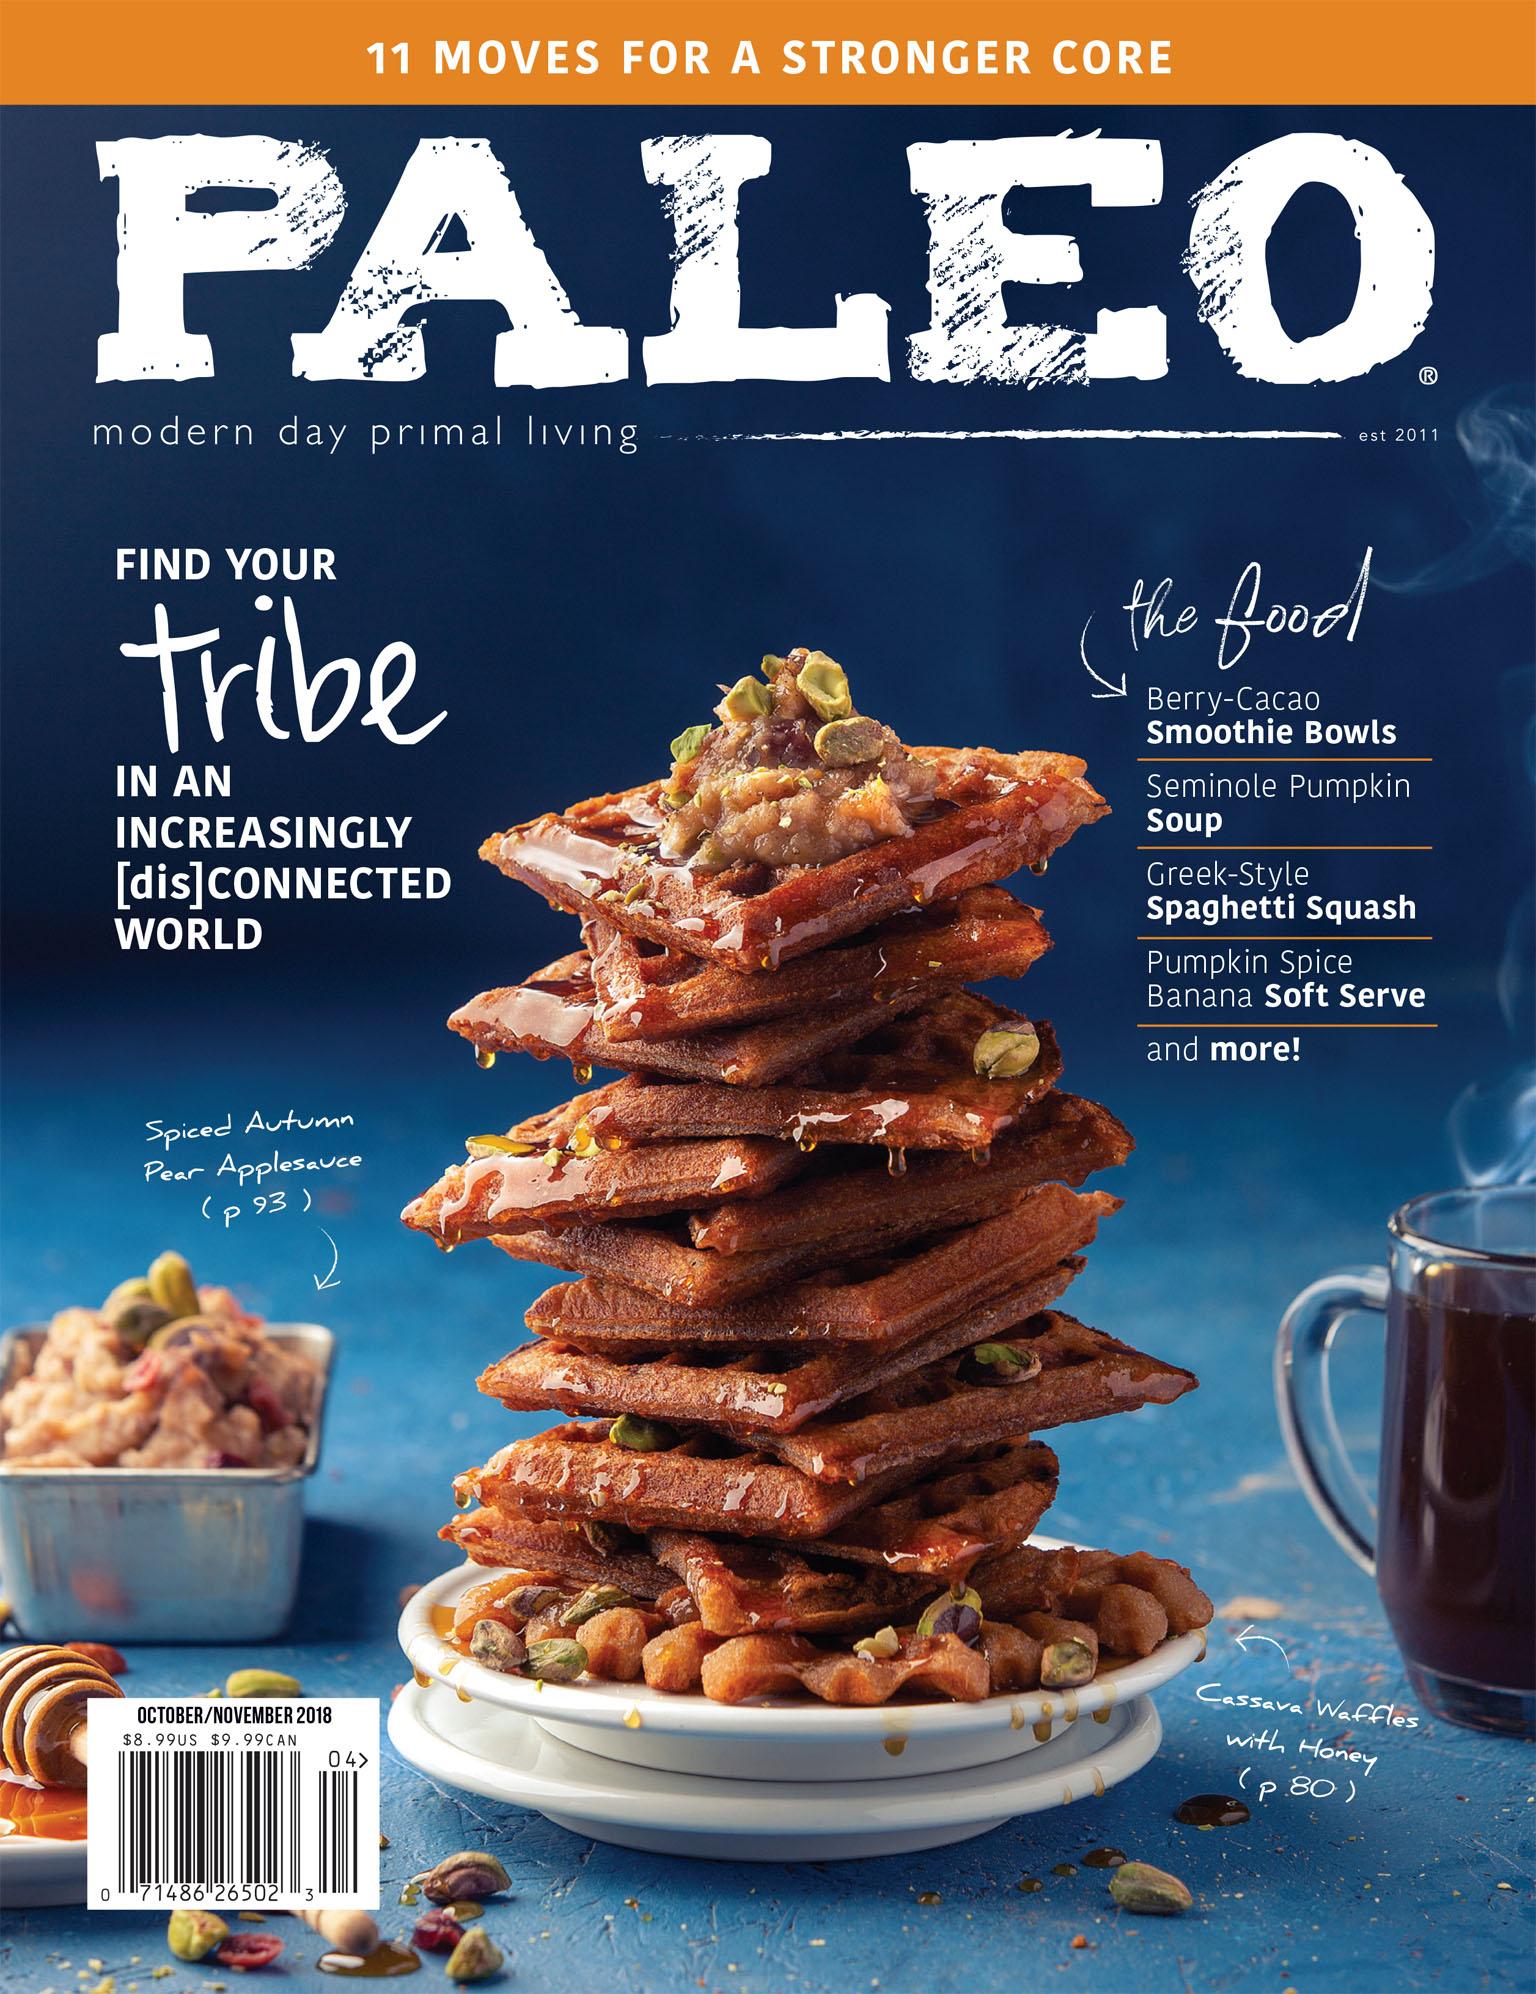 Waffle Stack Food Photography on Handmade Background - Paleo Magazine, October & November